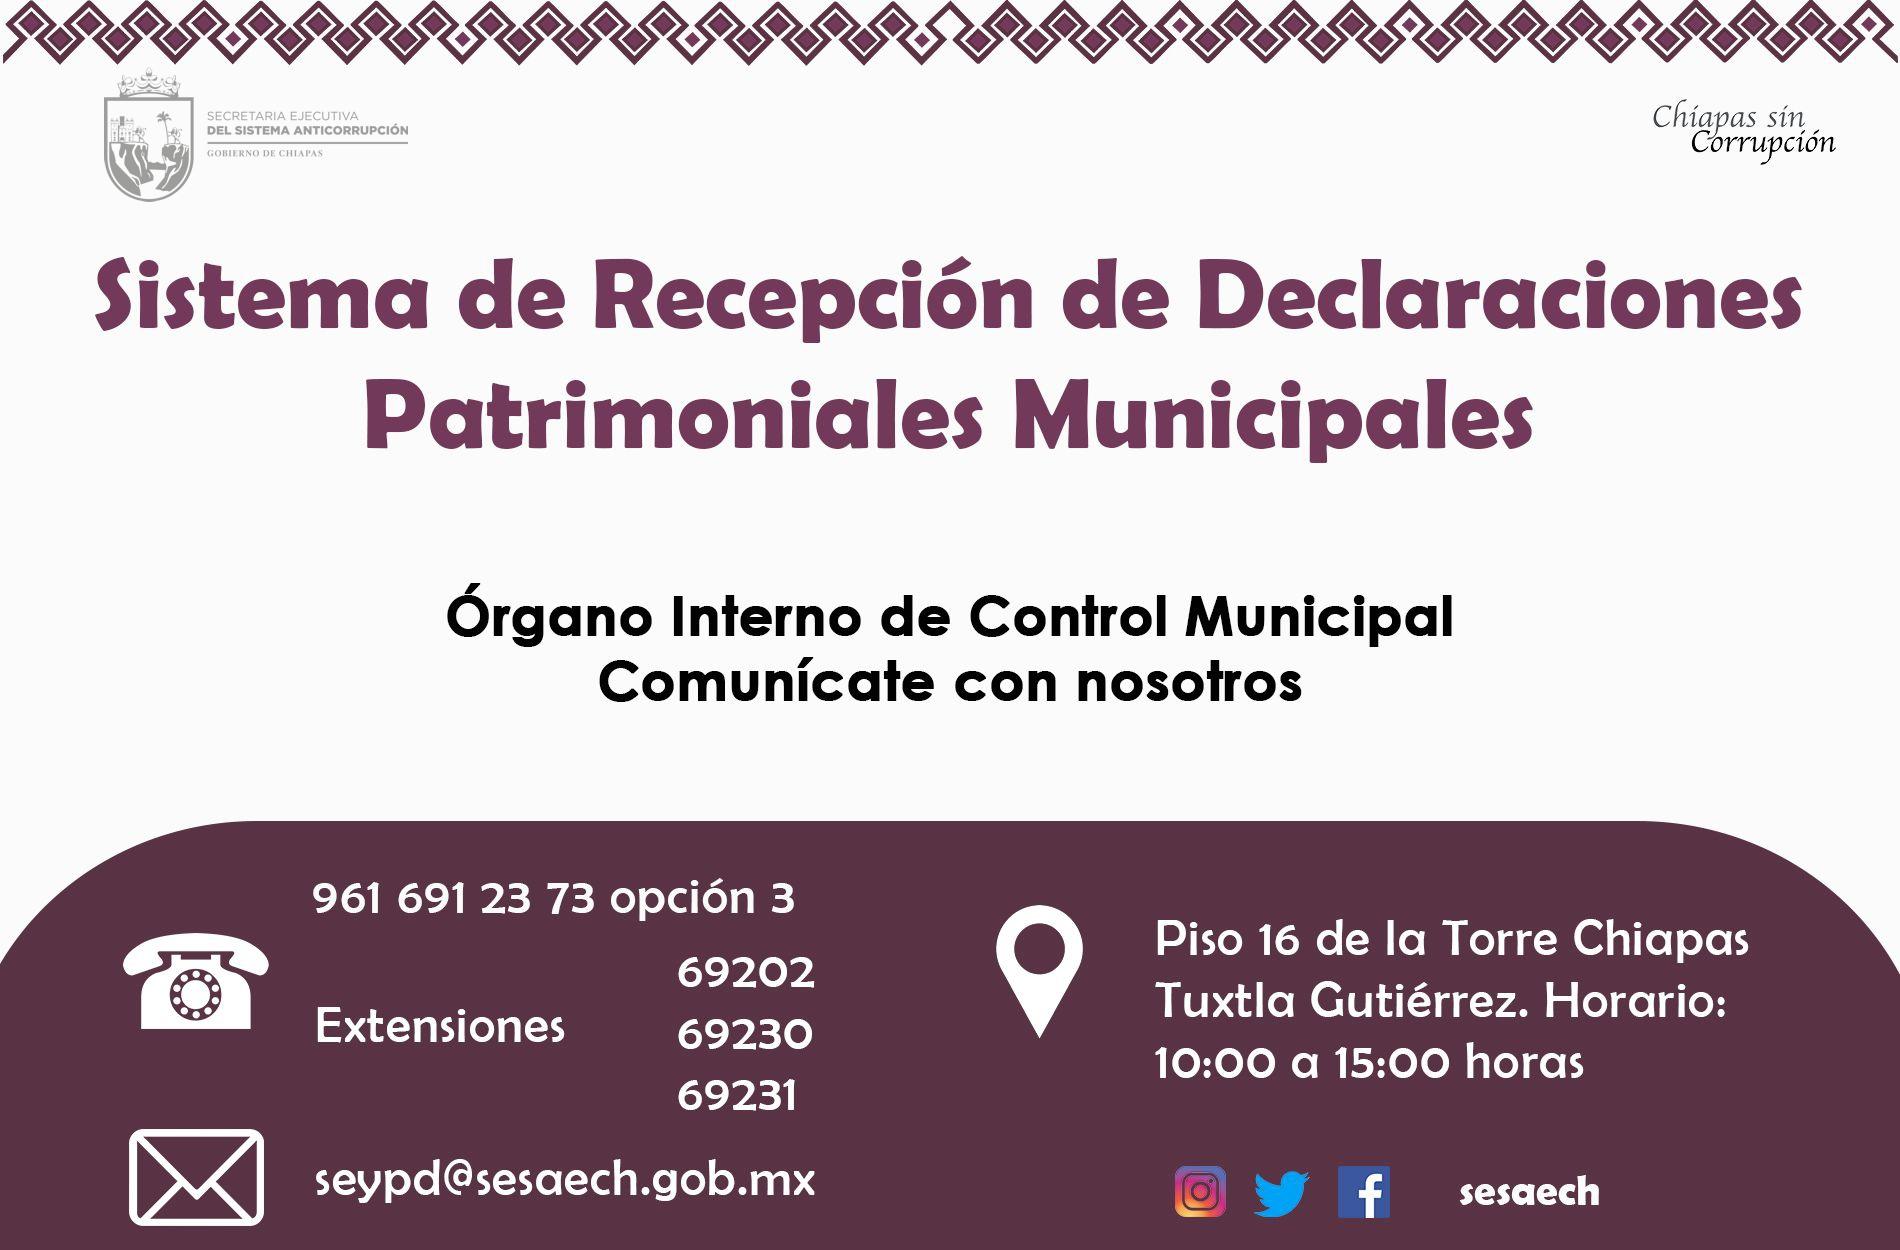 Sistema de Recepción de Declaraciones Patrimoniales Municipales